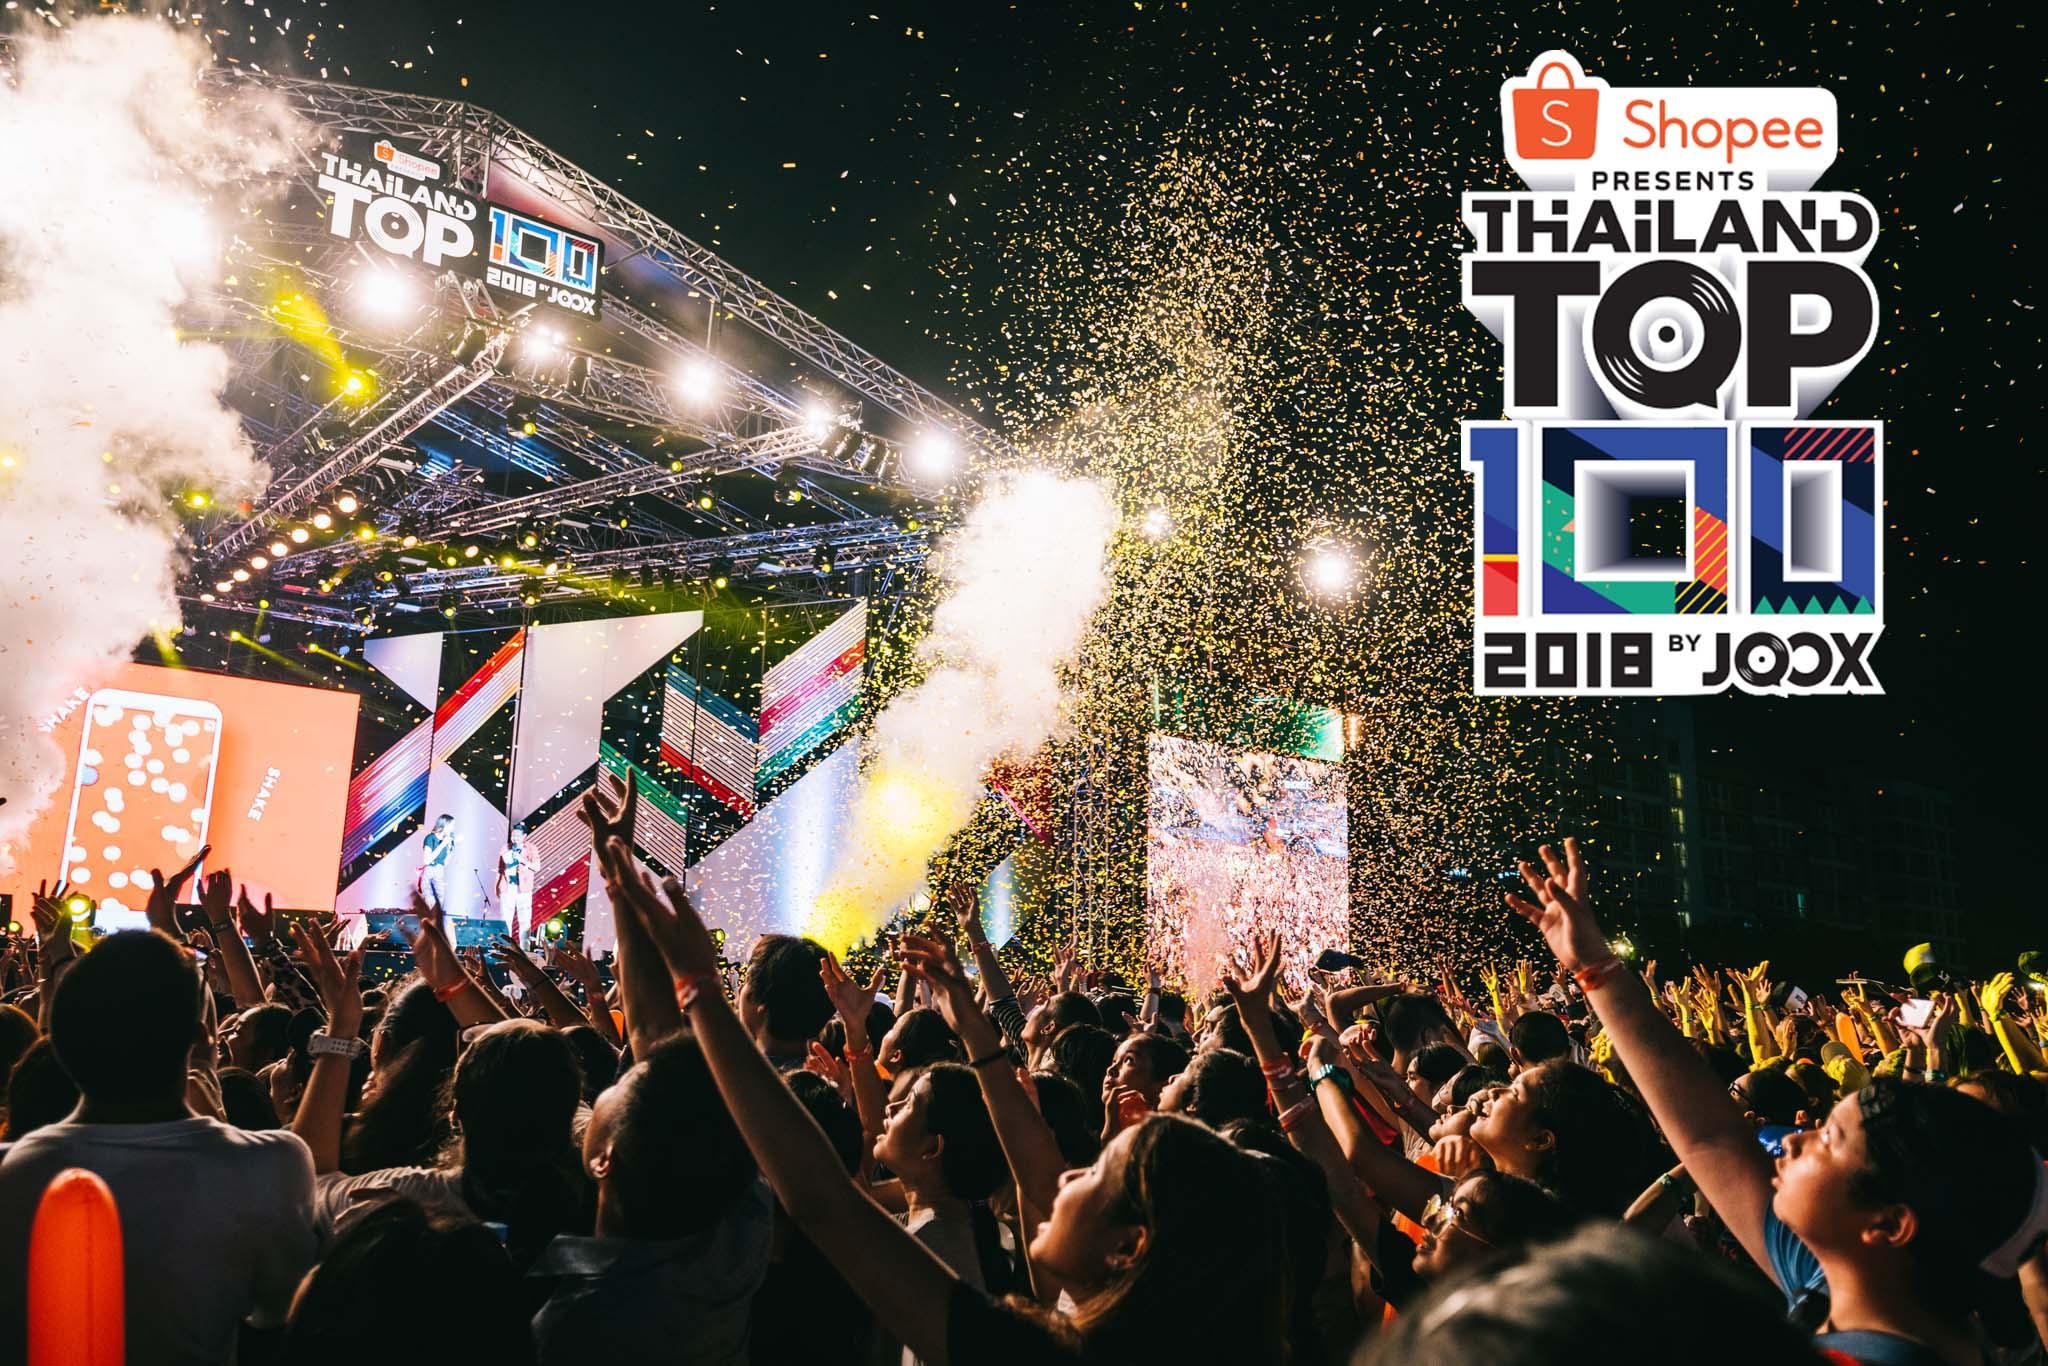 เฟสติวัลคอนเสิร์ต Shopee Presents Thailand Top 100 by JOOX 2018 สำเร็จเกินคาด